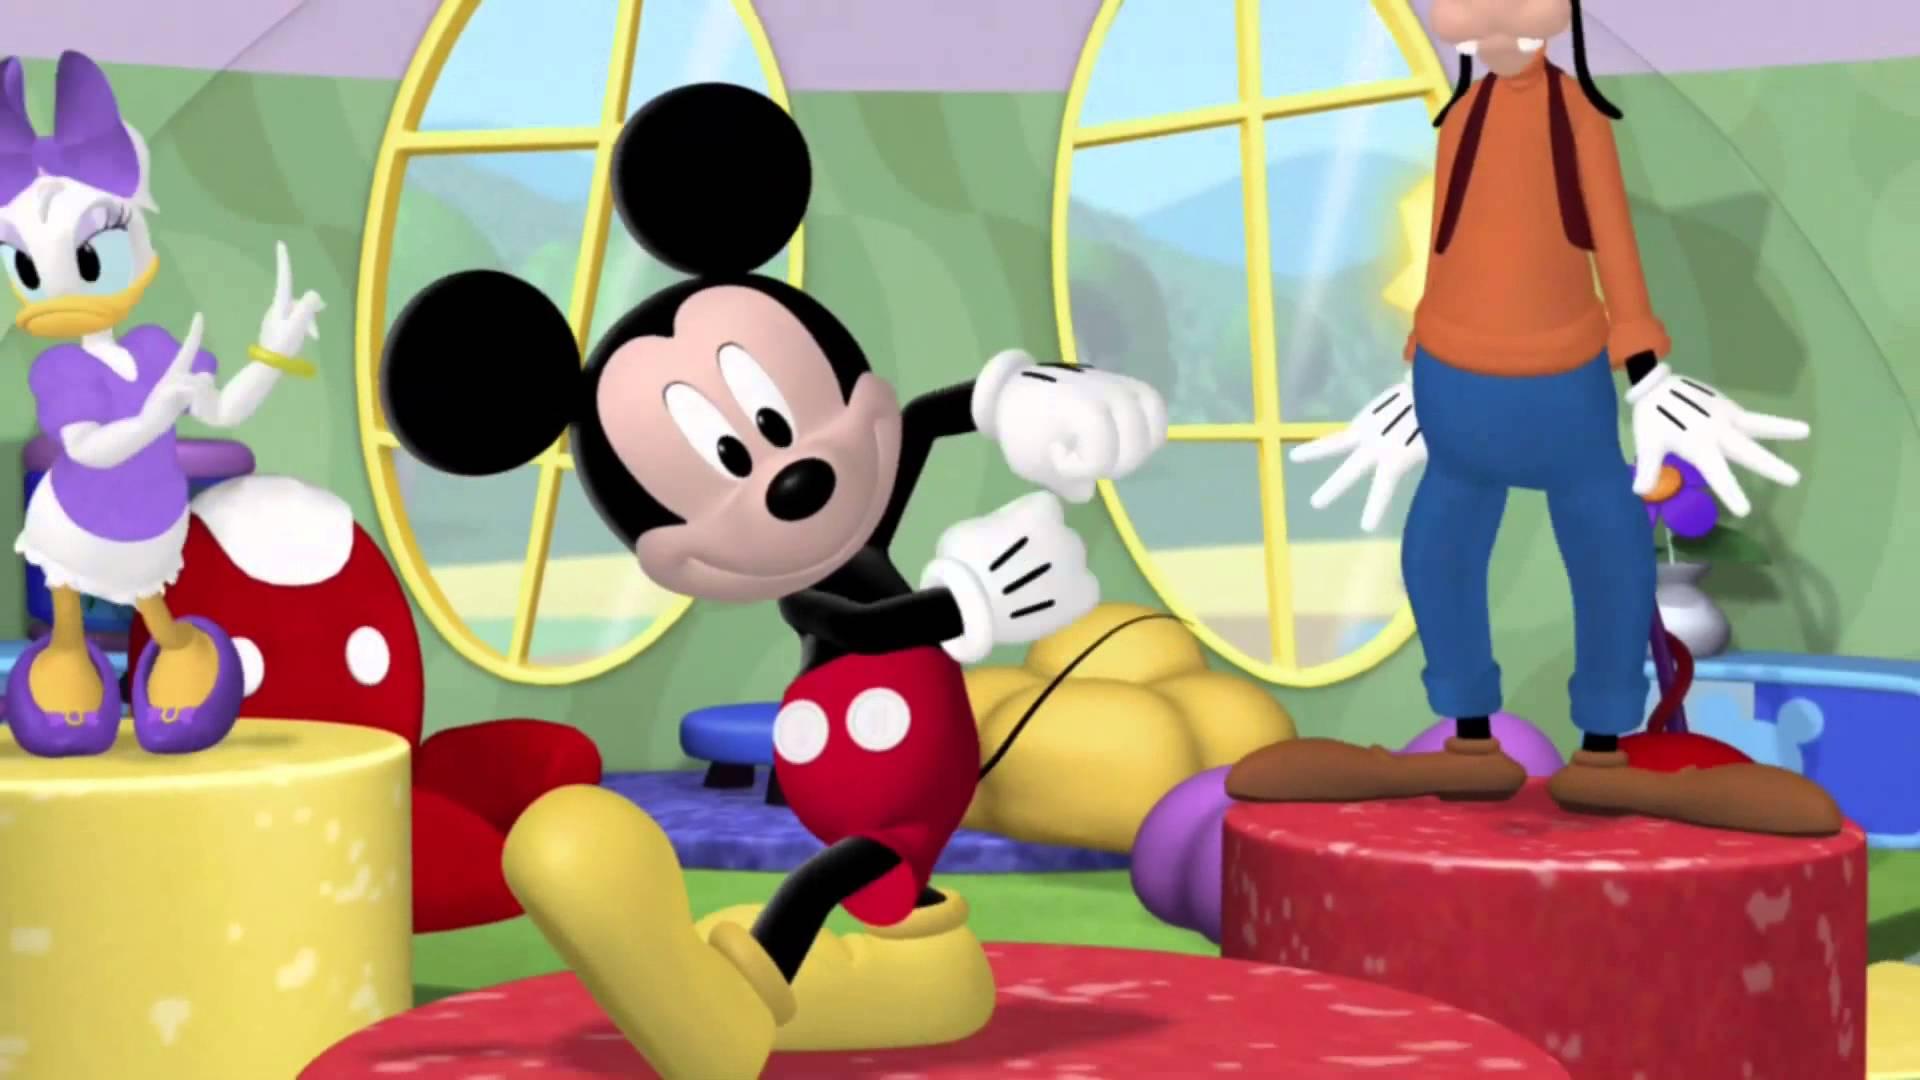 de mickey mouse - photo #26